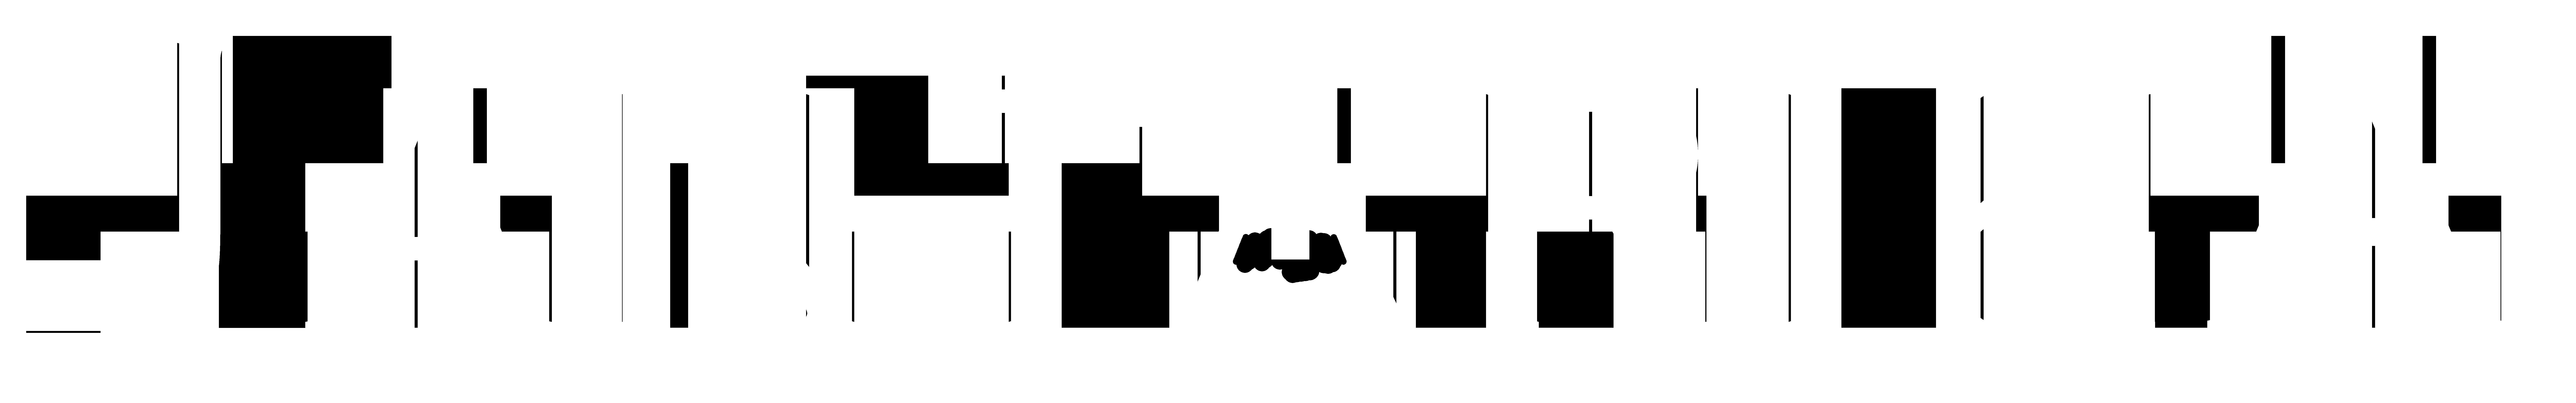 Янтарика